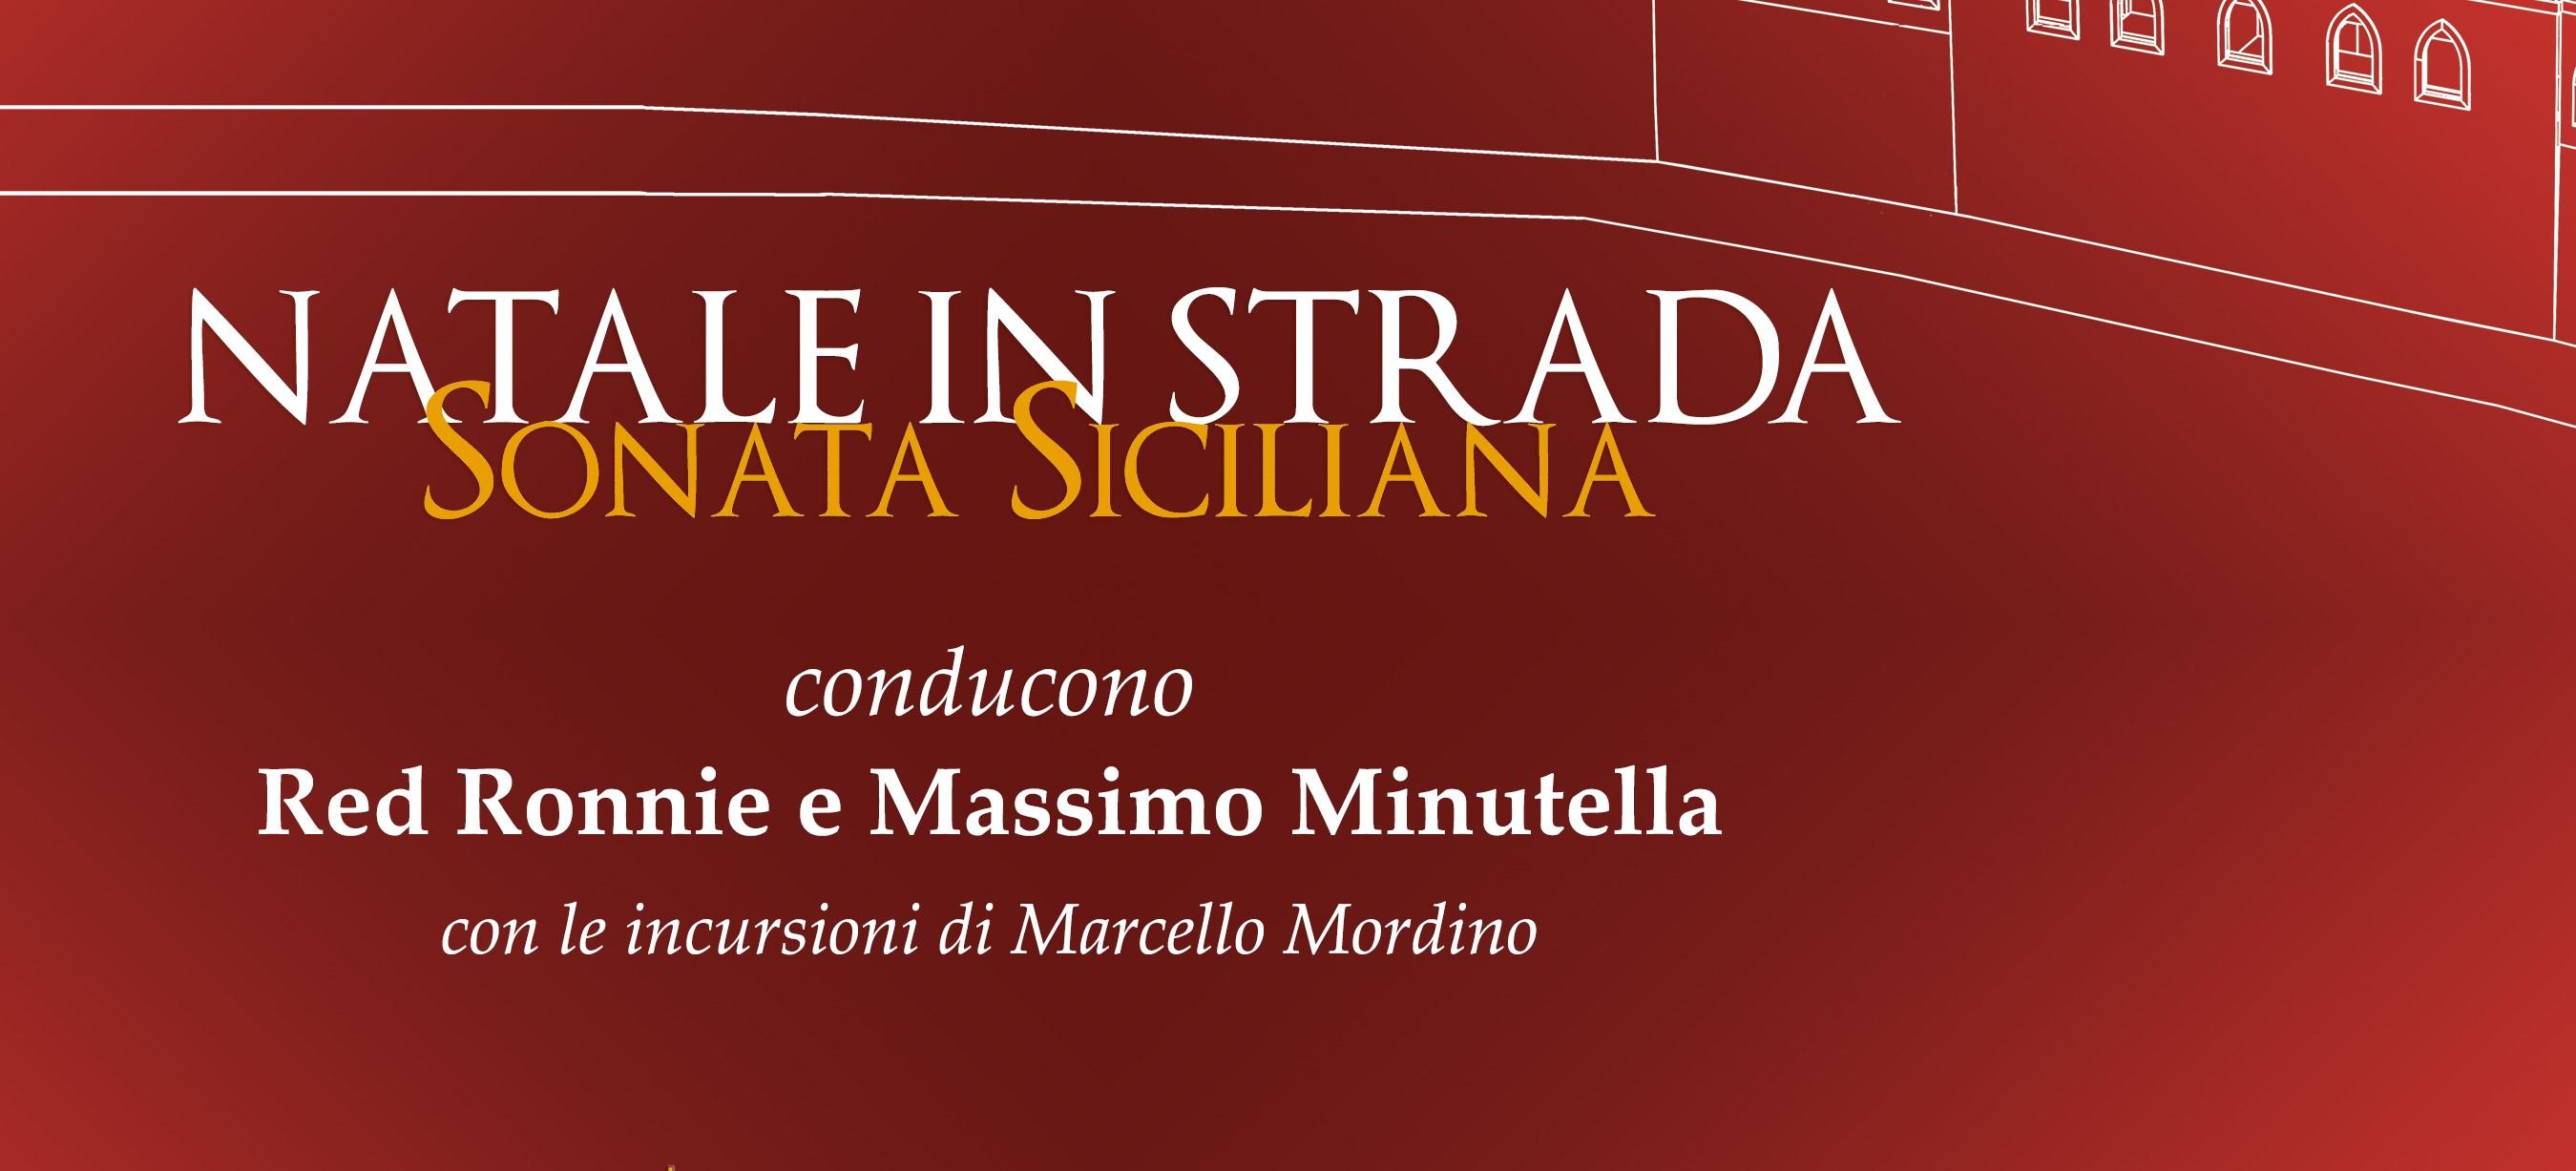 """La Fondazione Federico II porta il """"Natale in strada"""" con una sonata siciliana"""